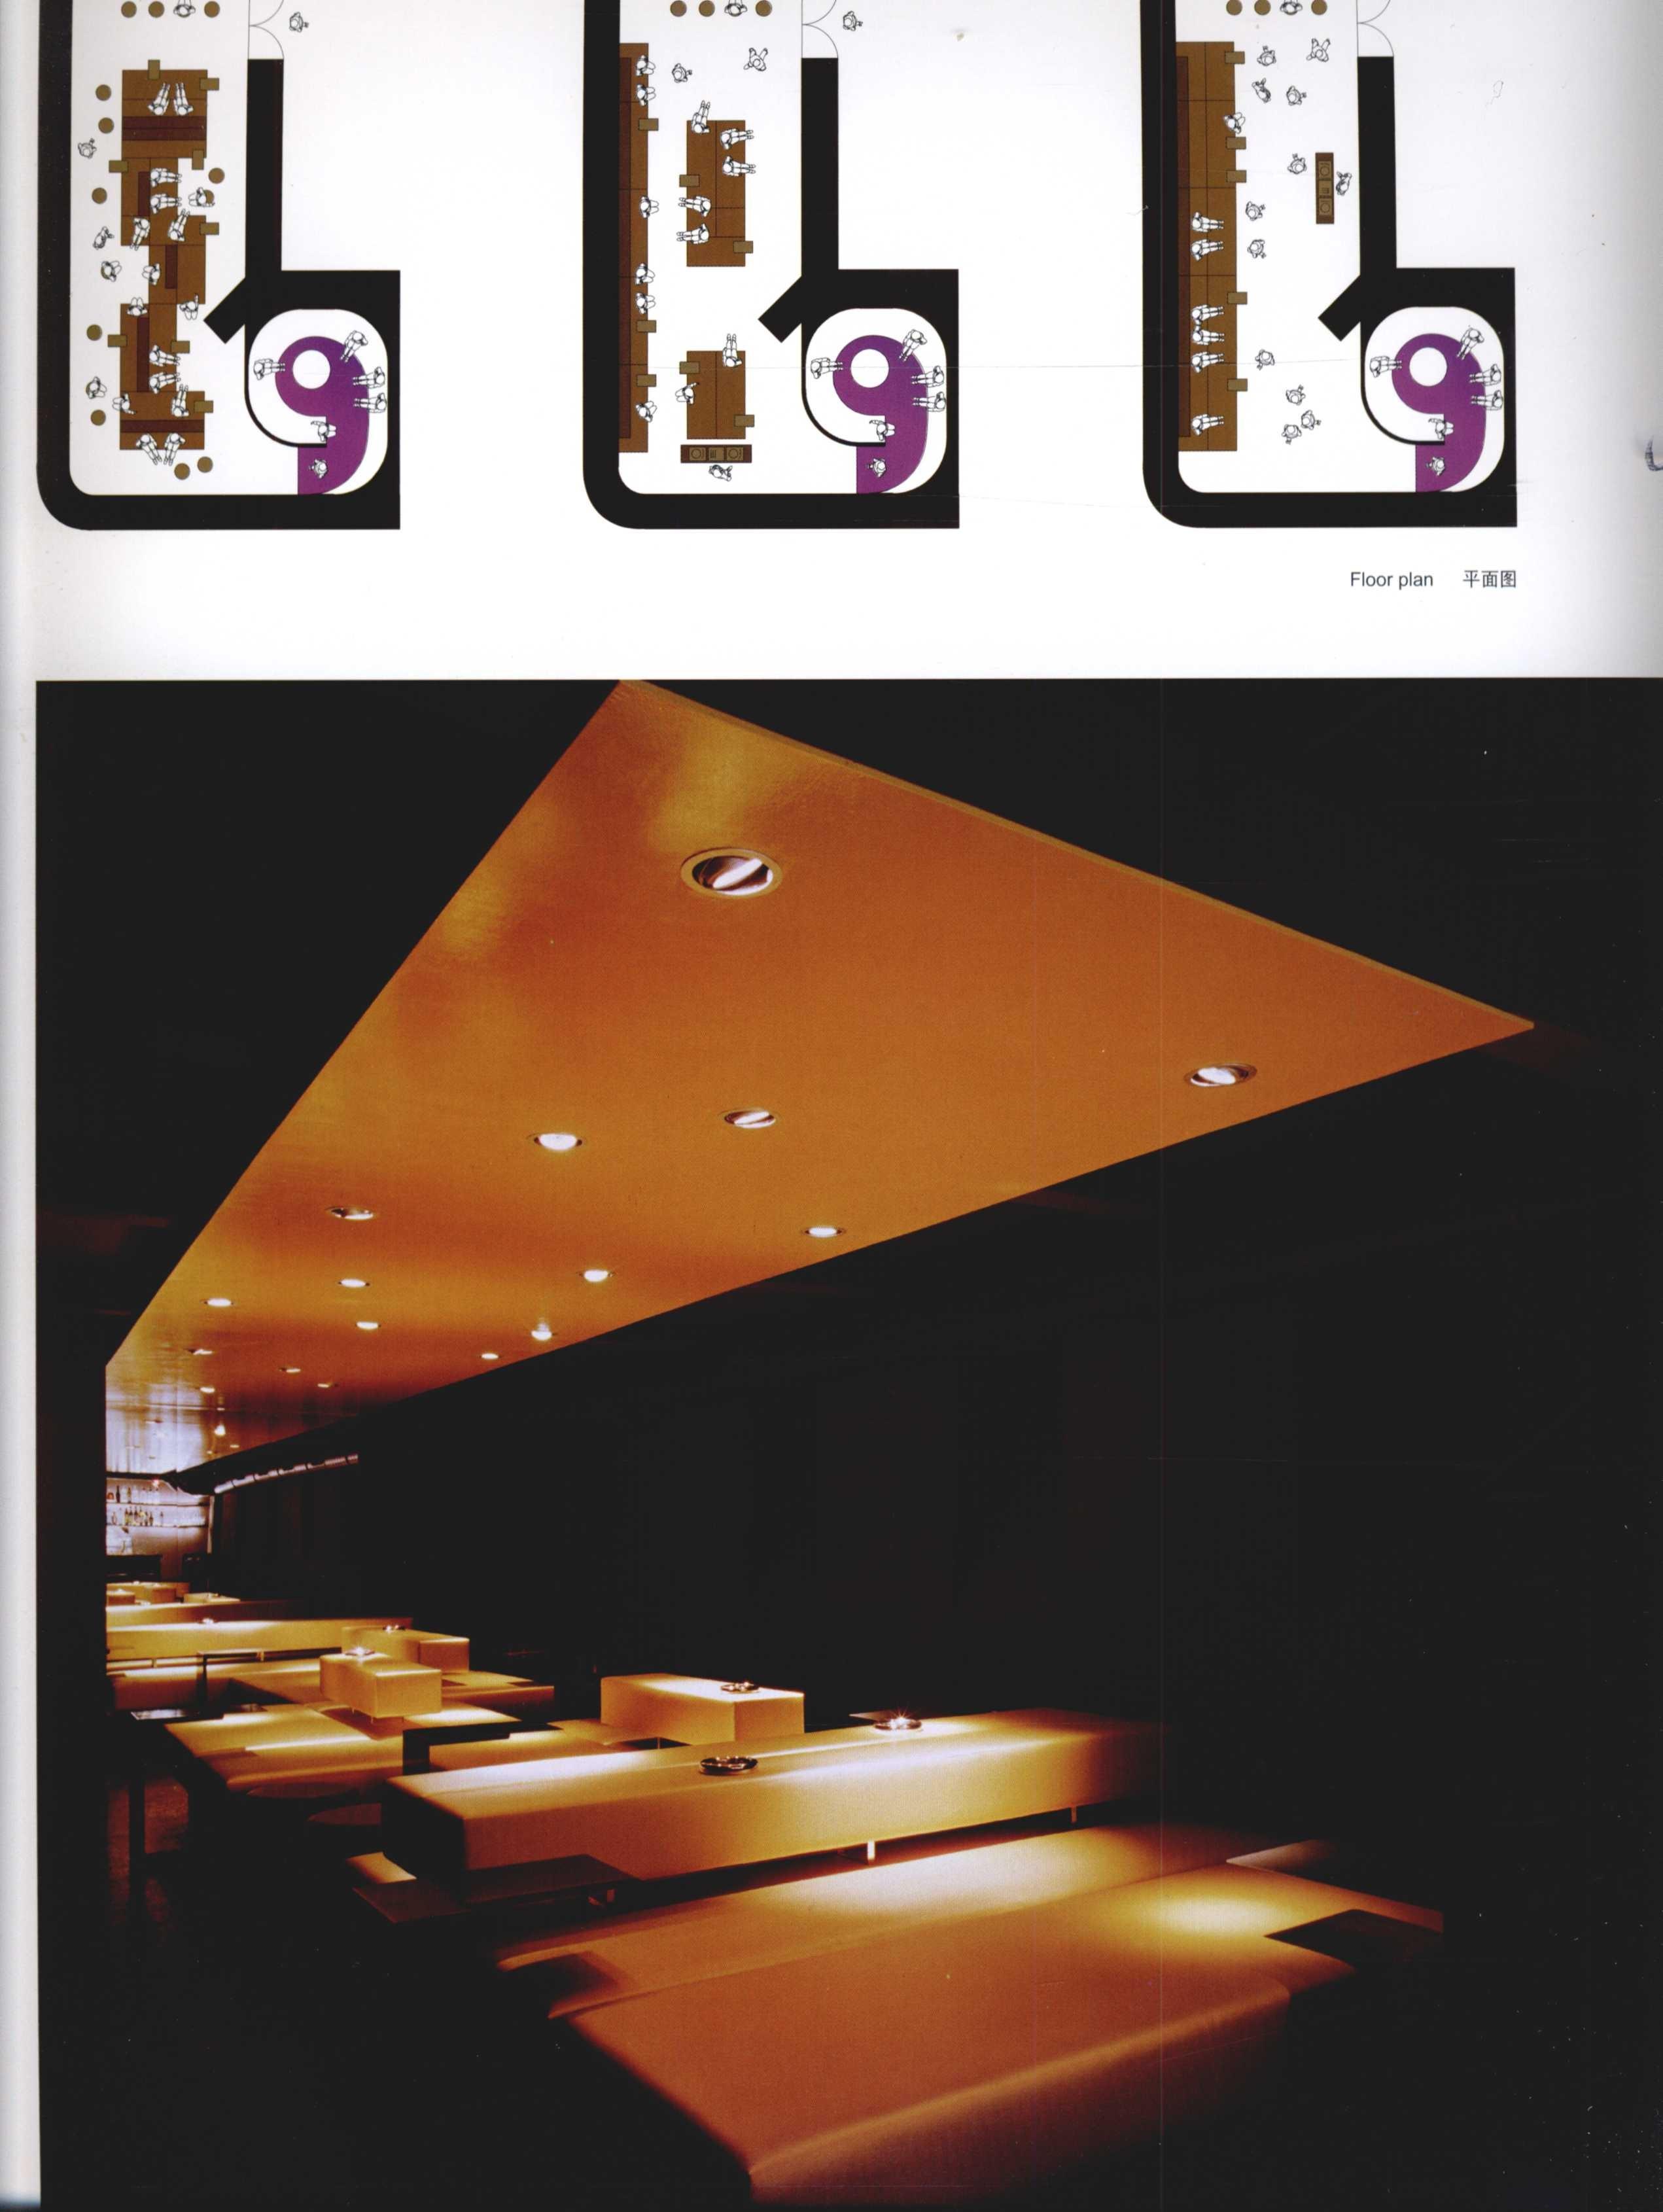 2012全球室内设计年鉴  餐饮_Page_188.jpg